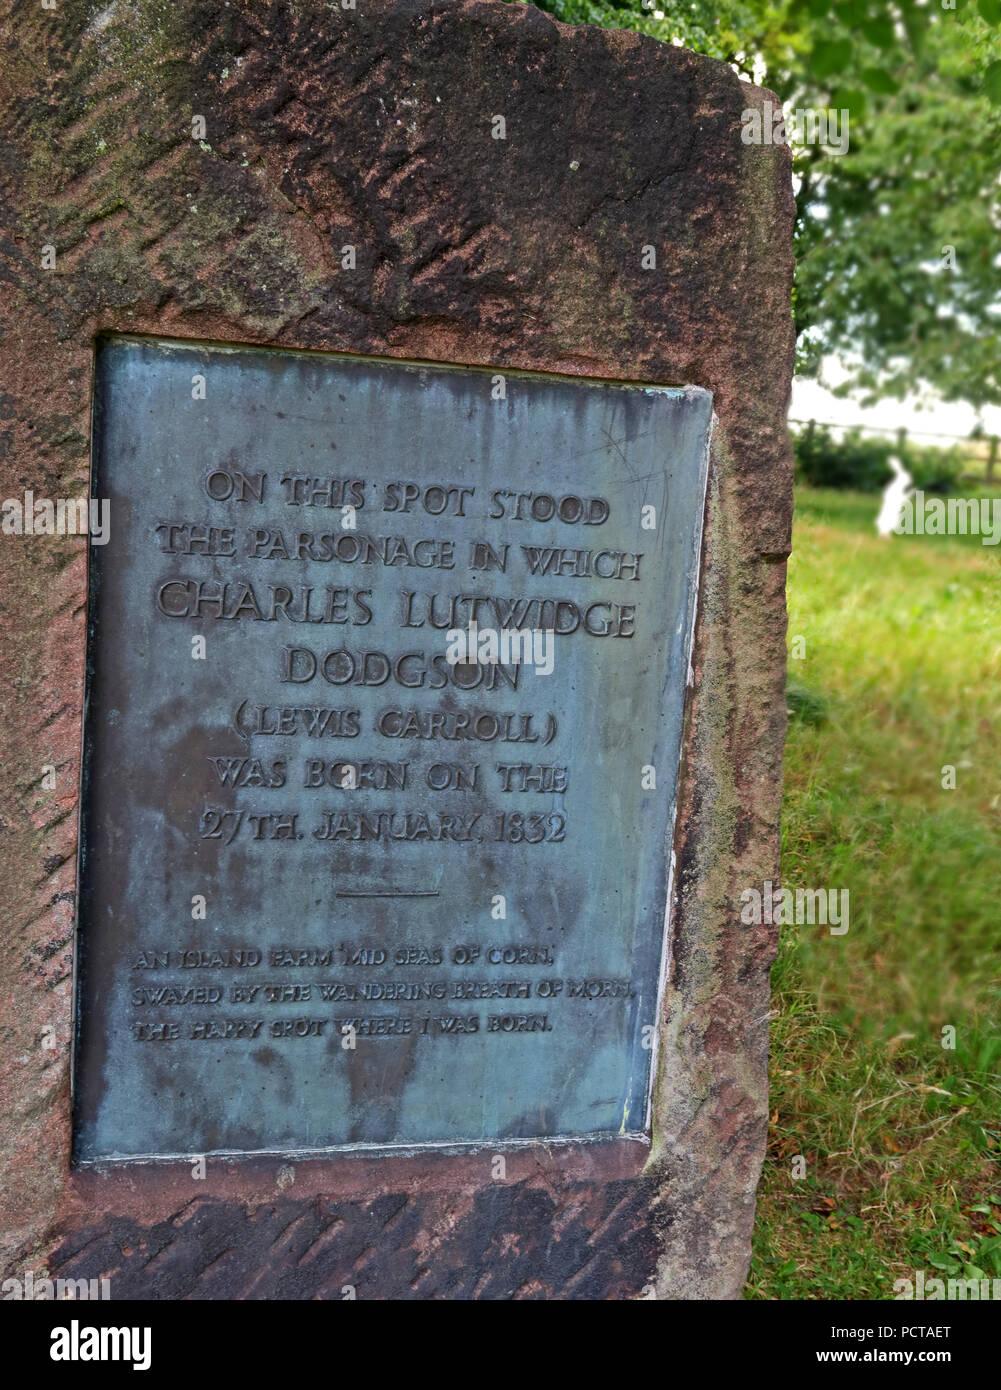 GoTonySmith,@HotpixUK,Alice,Parsonage,birthplace,Charles